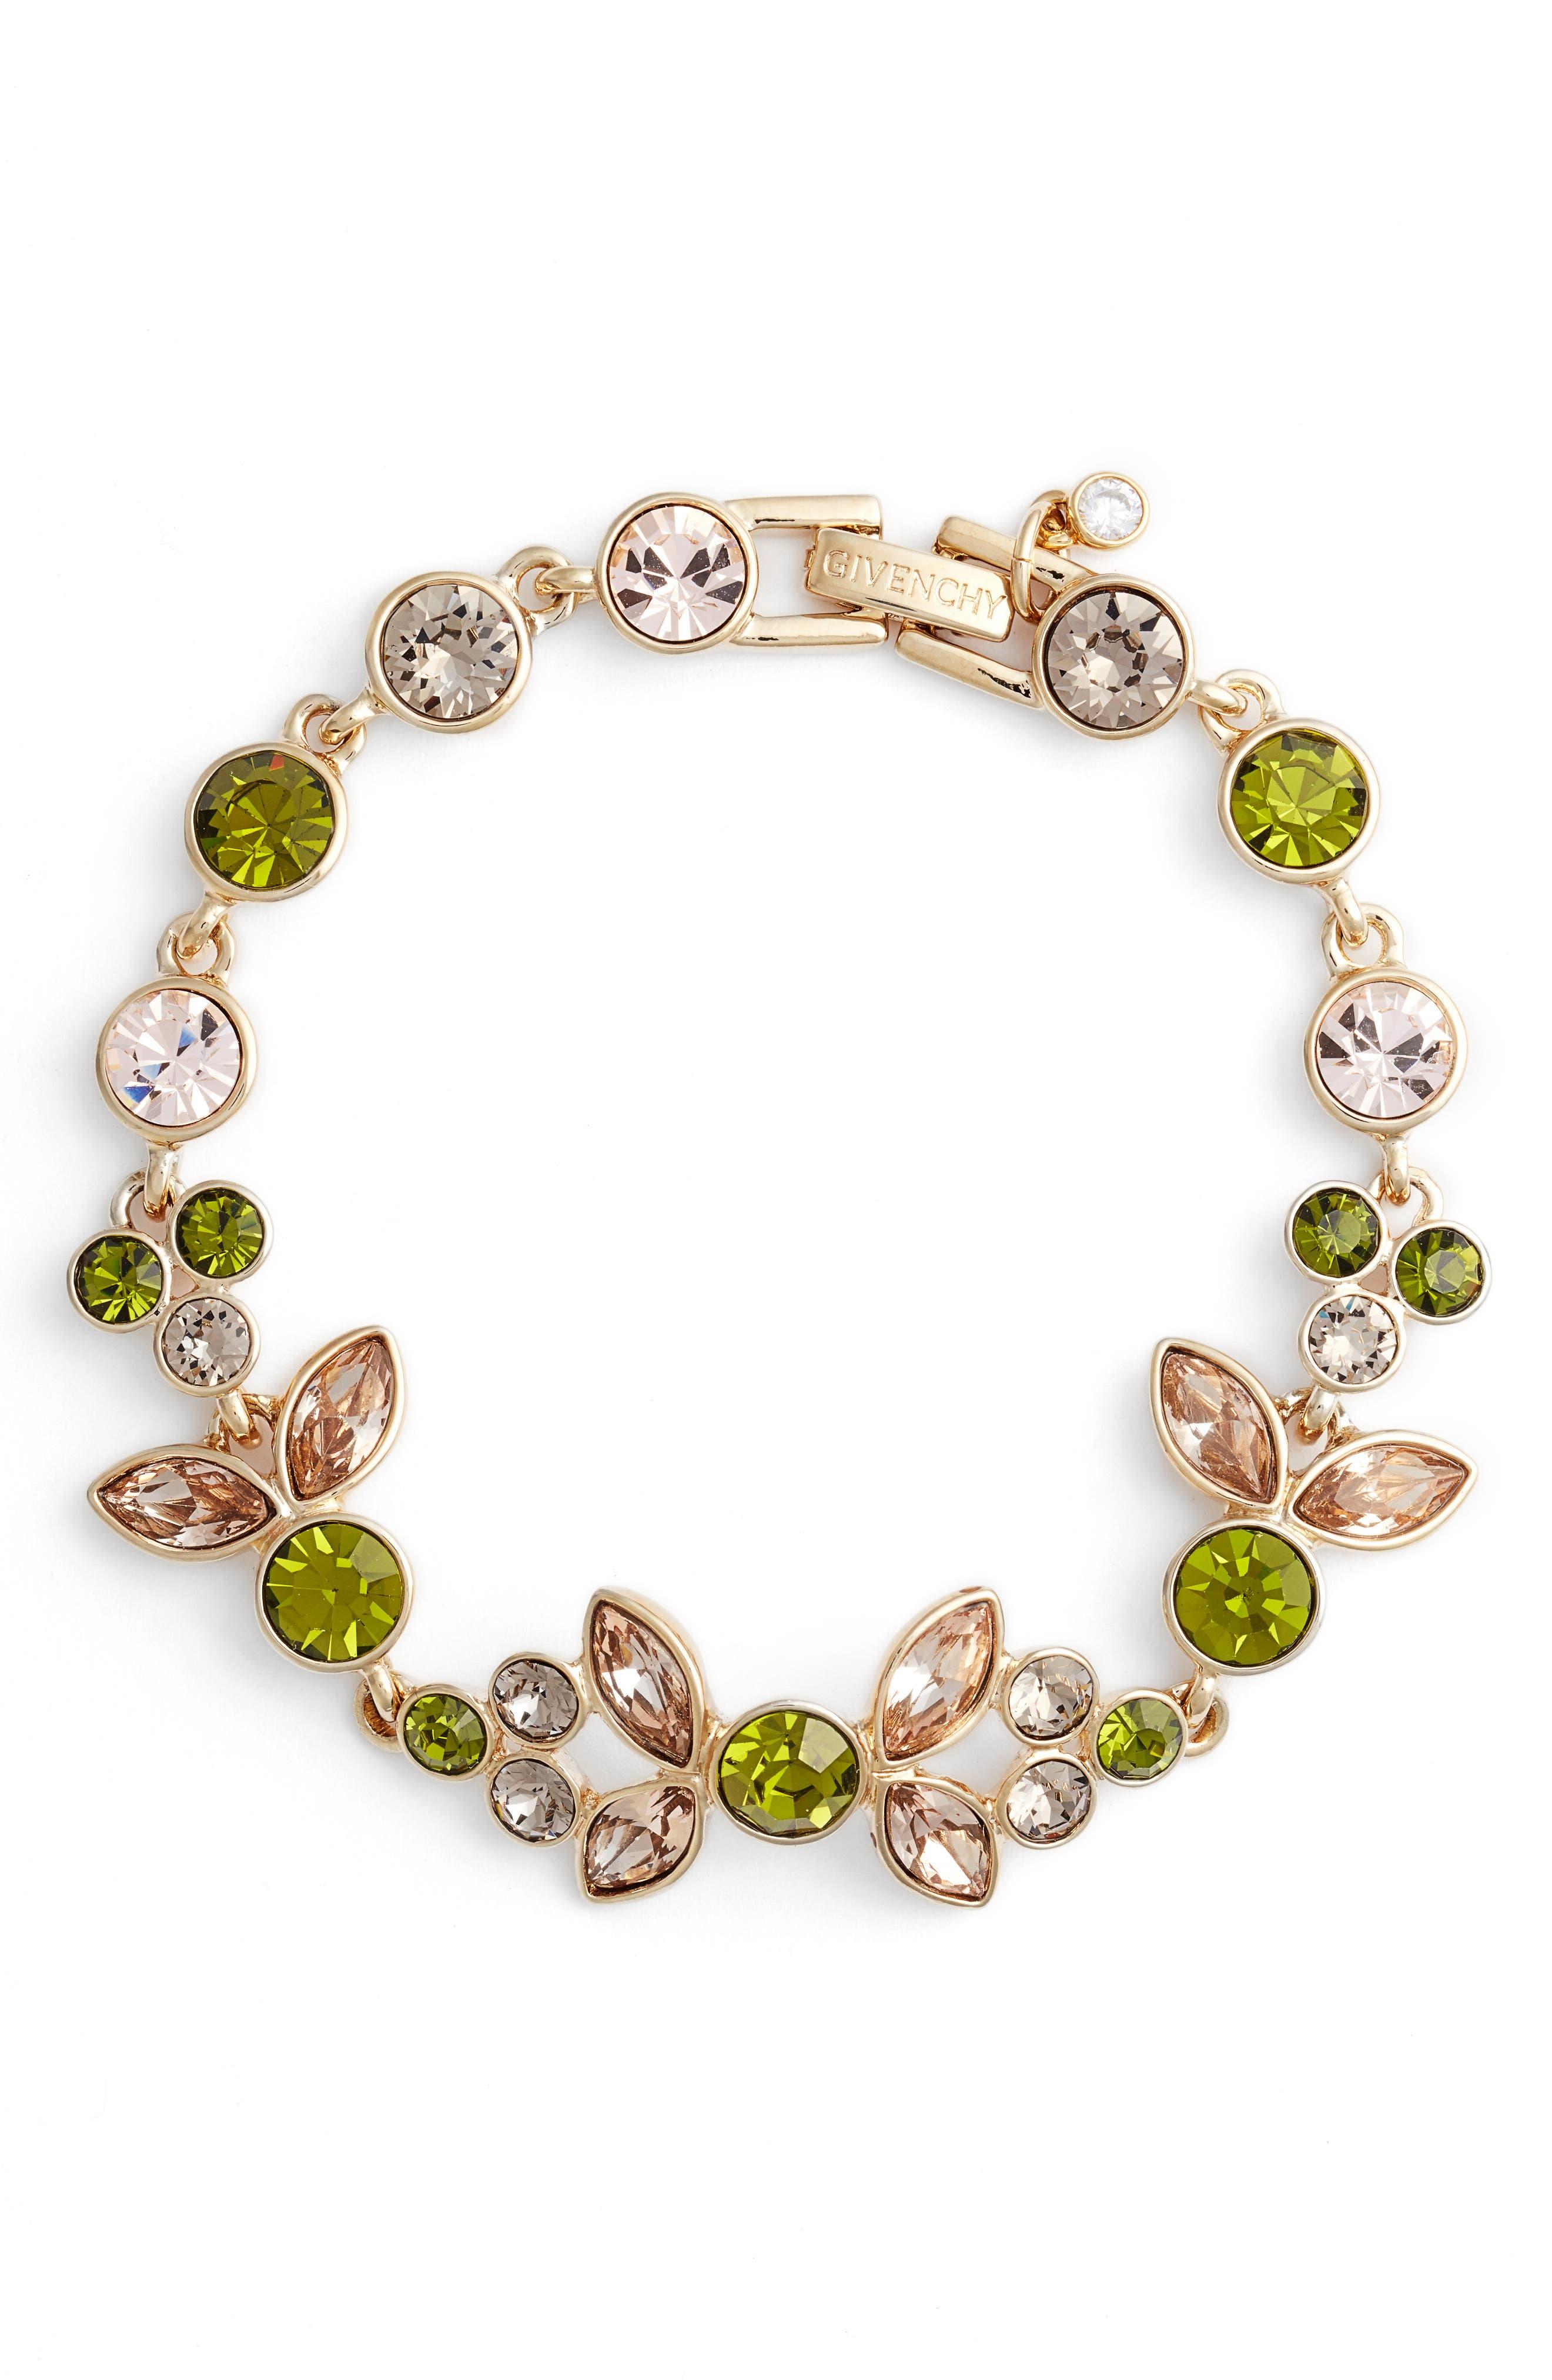 Givenchy Sydney Crystal Flex Bracelet